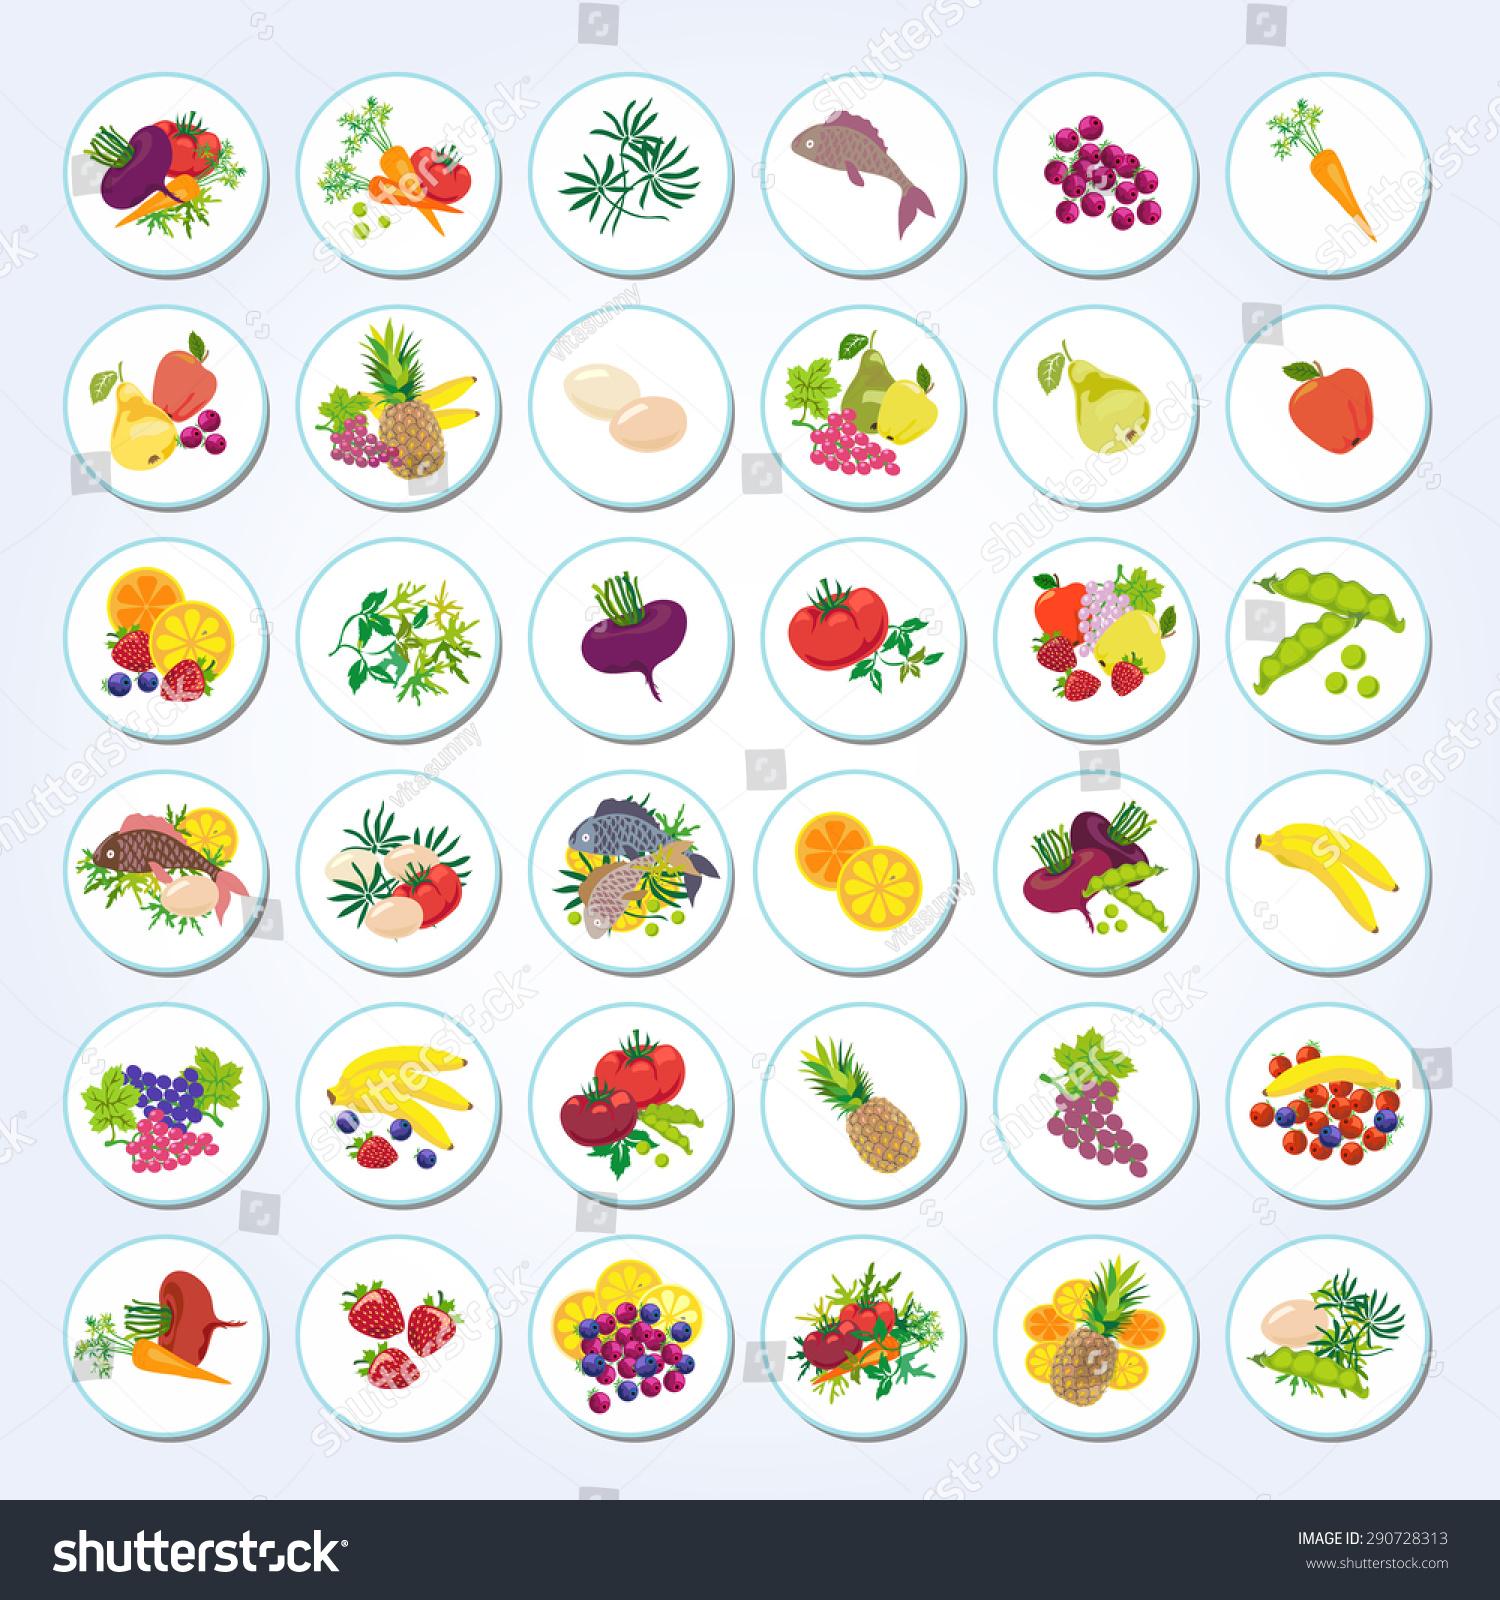 设置图标的食物:水果,蔬菜